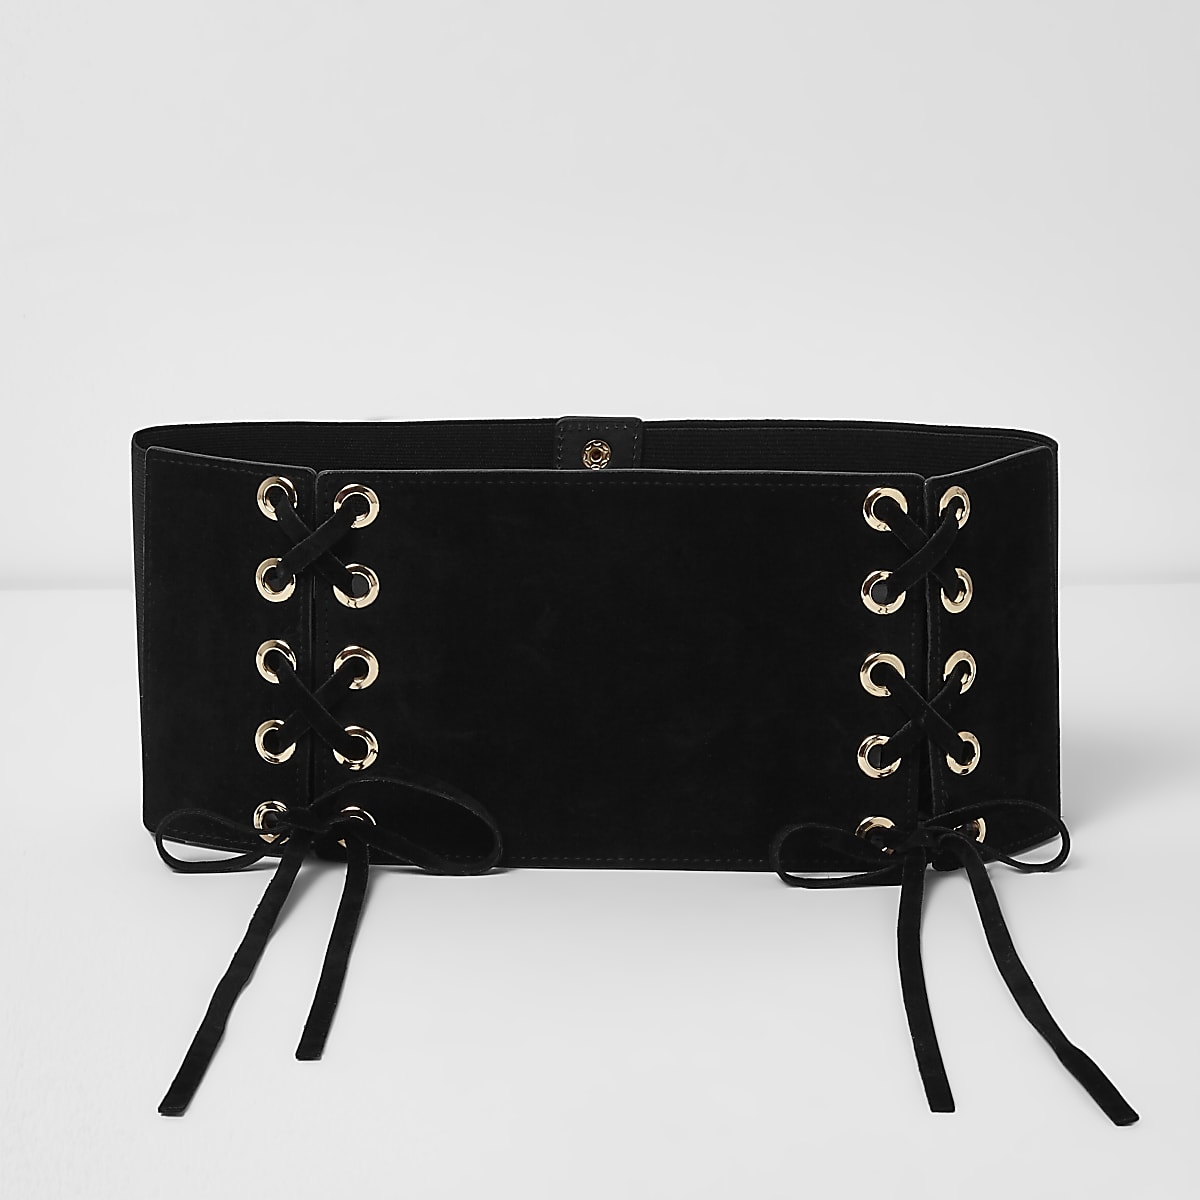 Black wide double lace-up belt